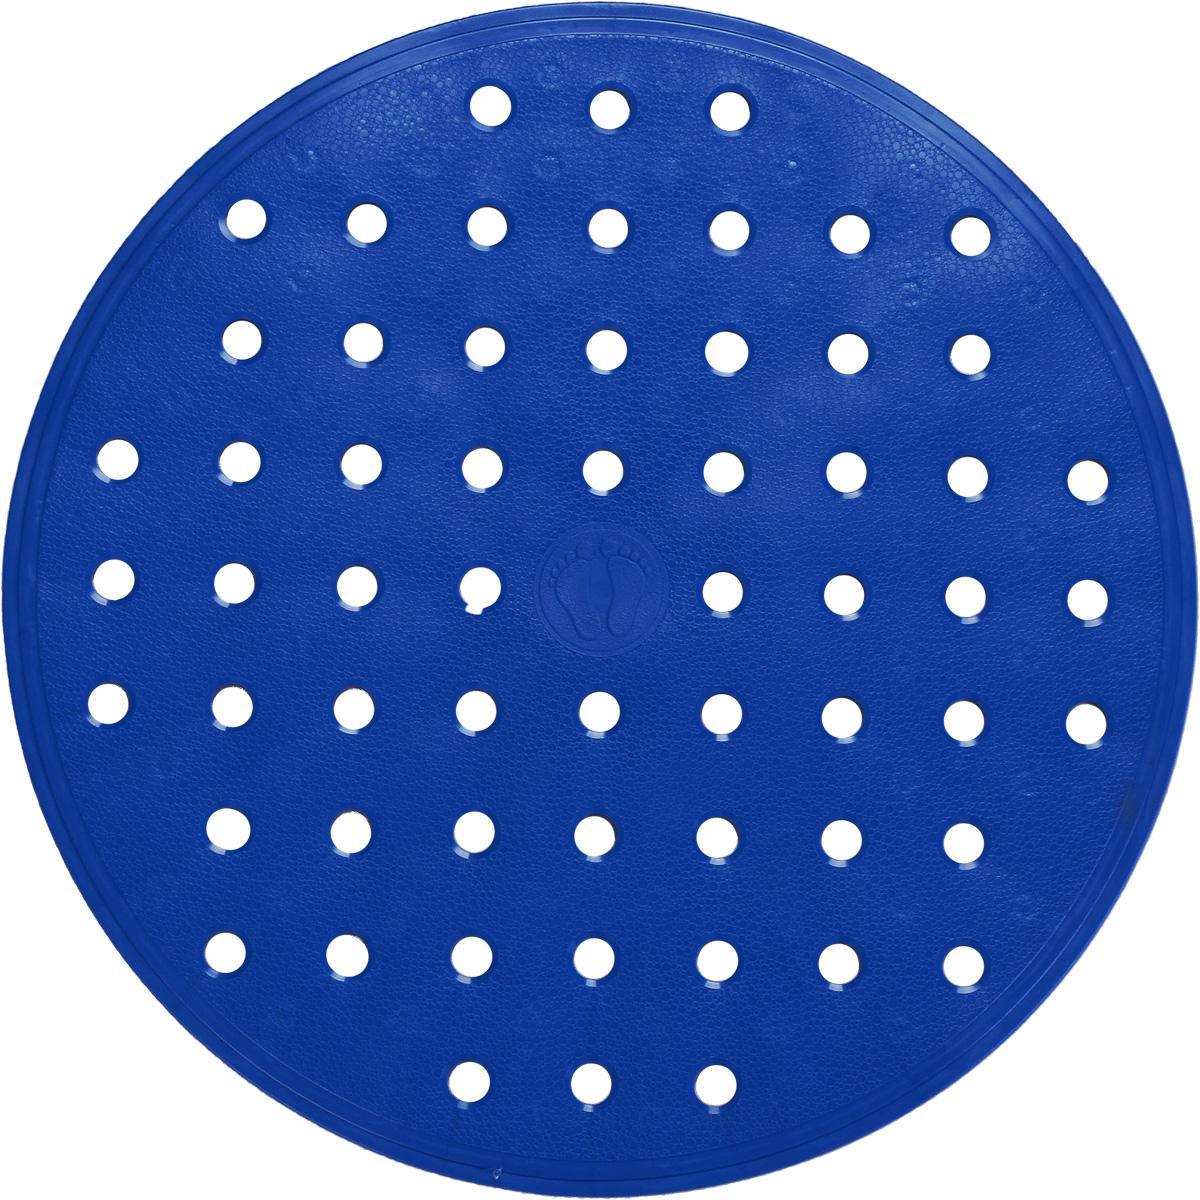 Коврик для ванной Ridder Action, противоскользящий, цвет: синий, диаметр 53 см12723Коврик для ванной Ridder Action, изготовленный из каучука с защитой от плесени и грибка, создает комфортное антискользящее покрытие в ванной комнате. Крепится к поверхности при помощи присосок. Изделие удобно в использовании и легко моется теплой водой.Размеры коврика: 53 х 53 х 0,5 см